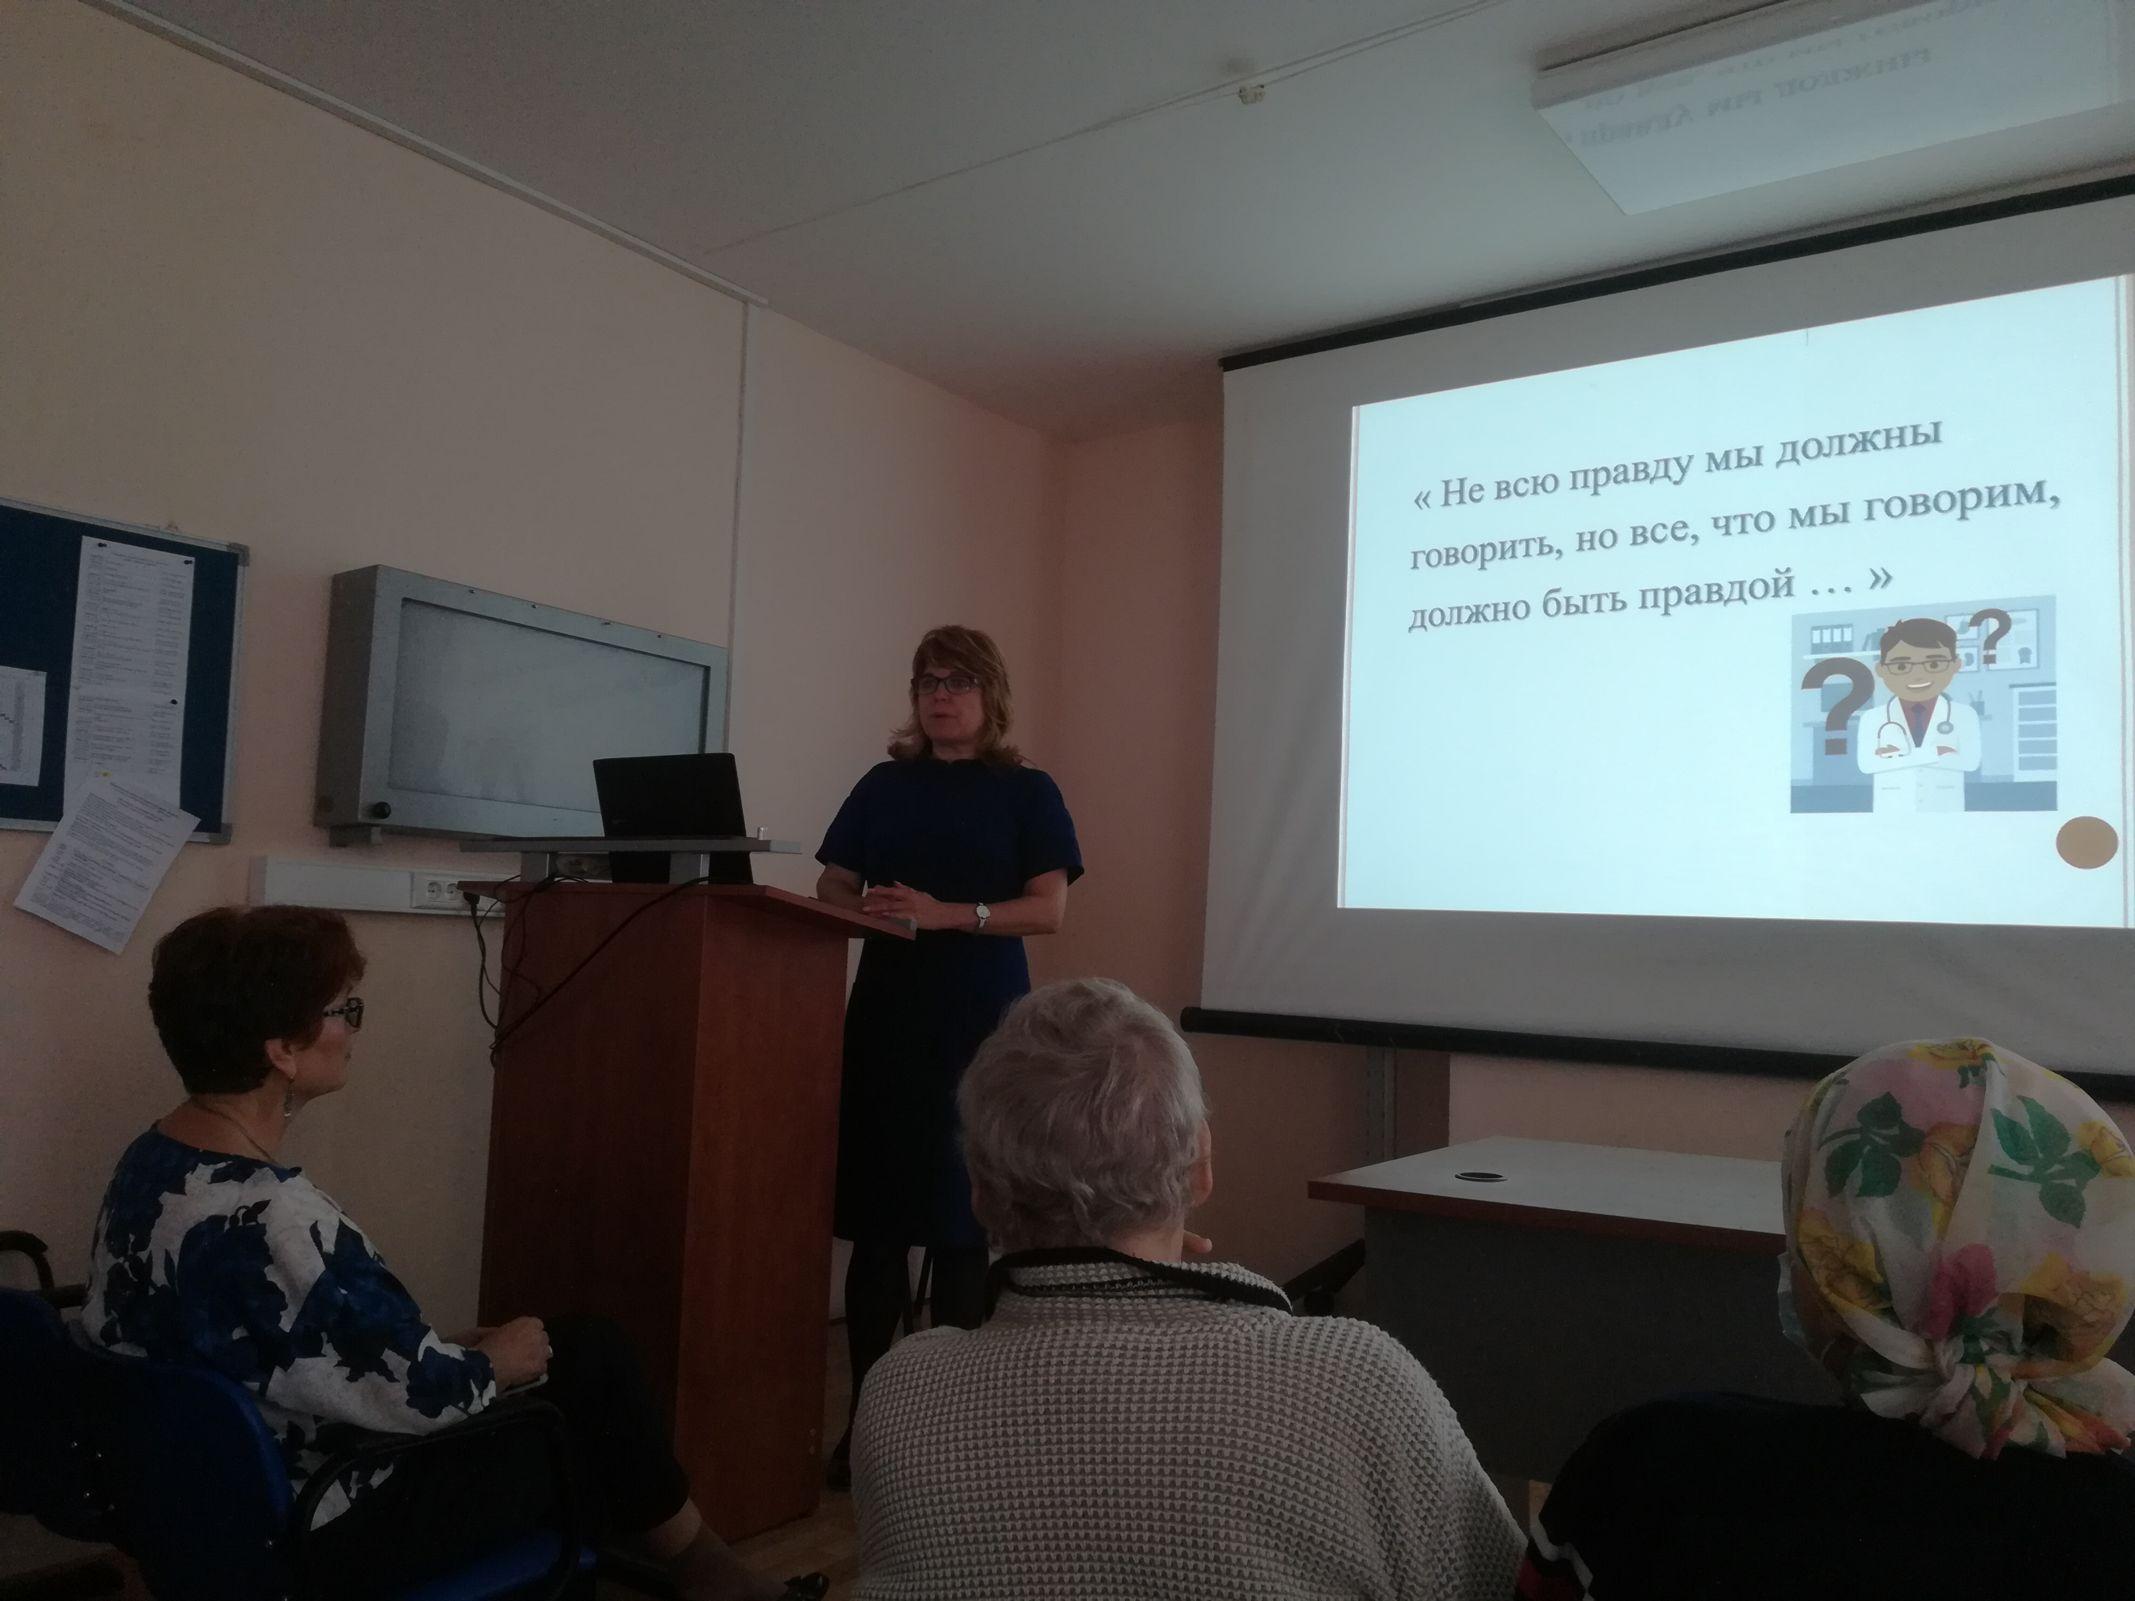 В Ярославле рассказали о медицинской этике при общении с онкопациентами и их родственниками